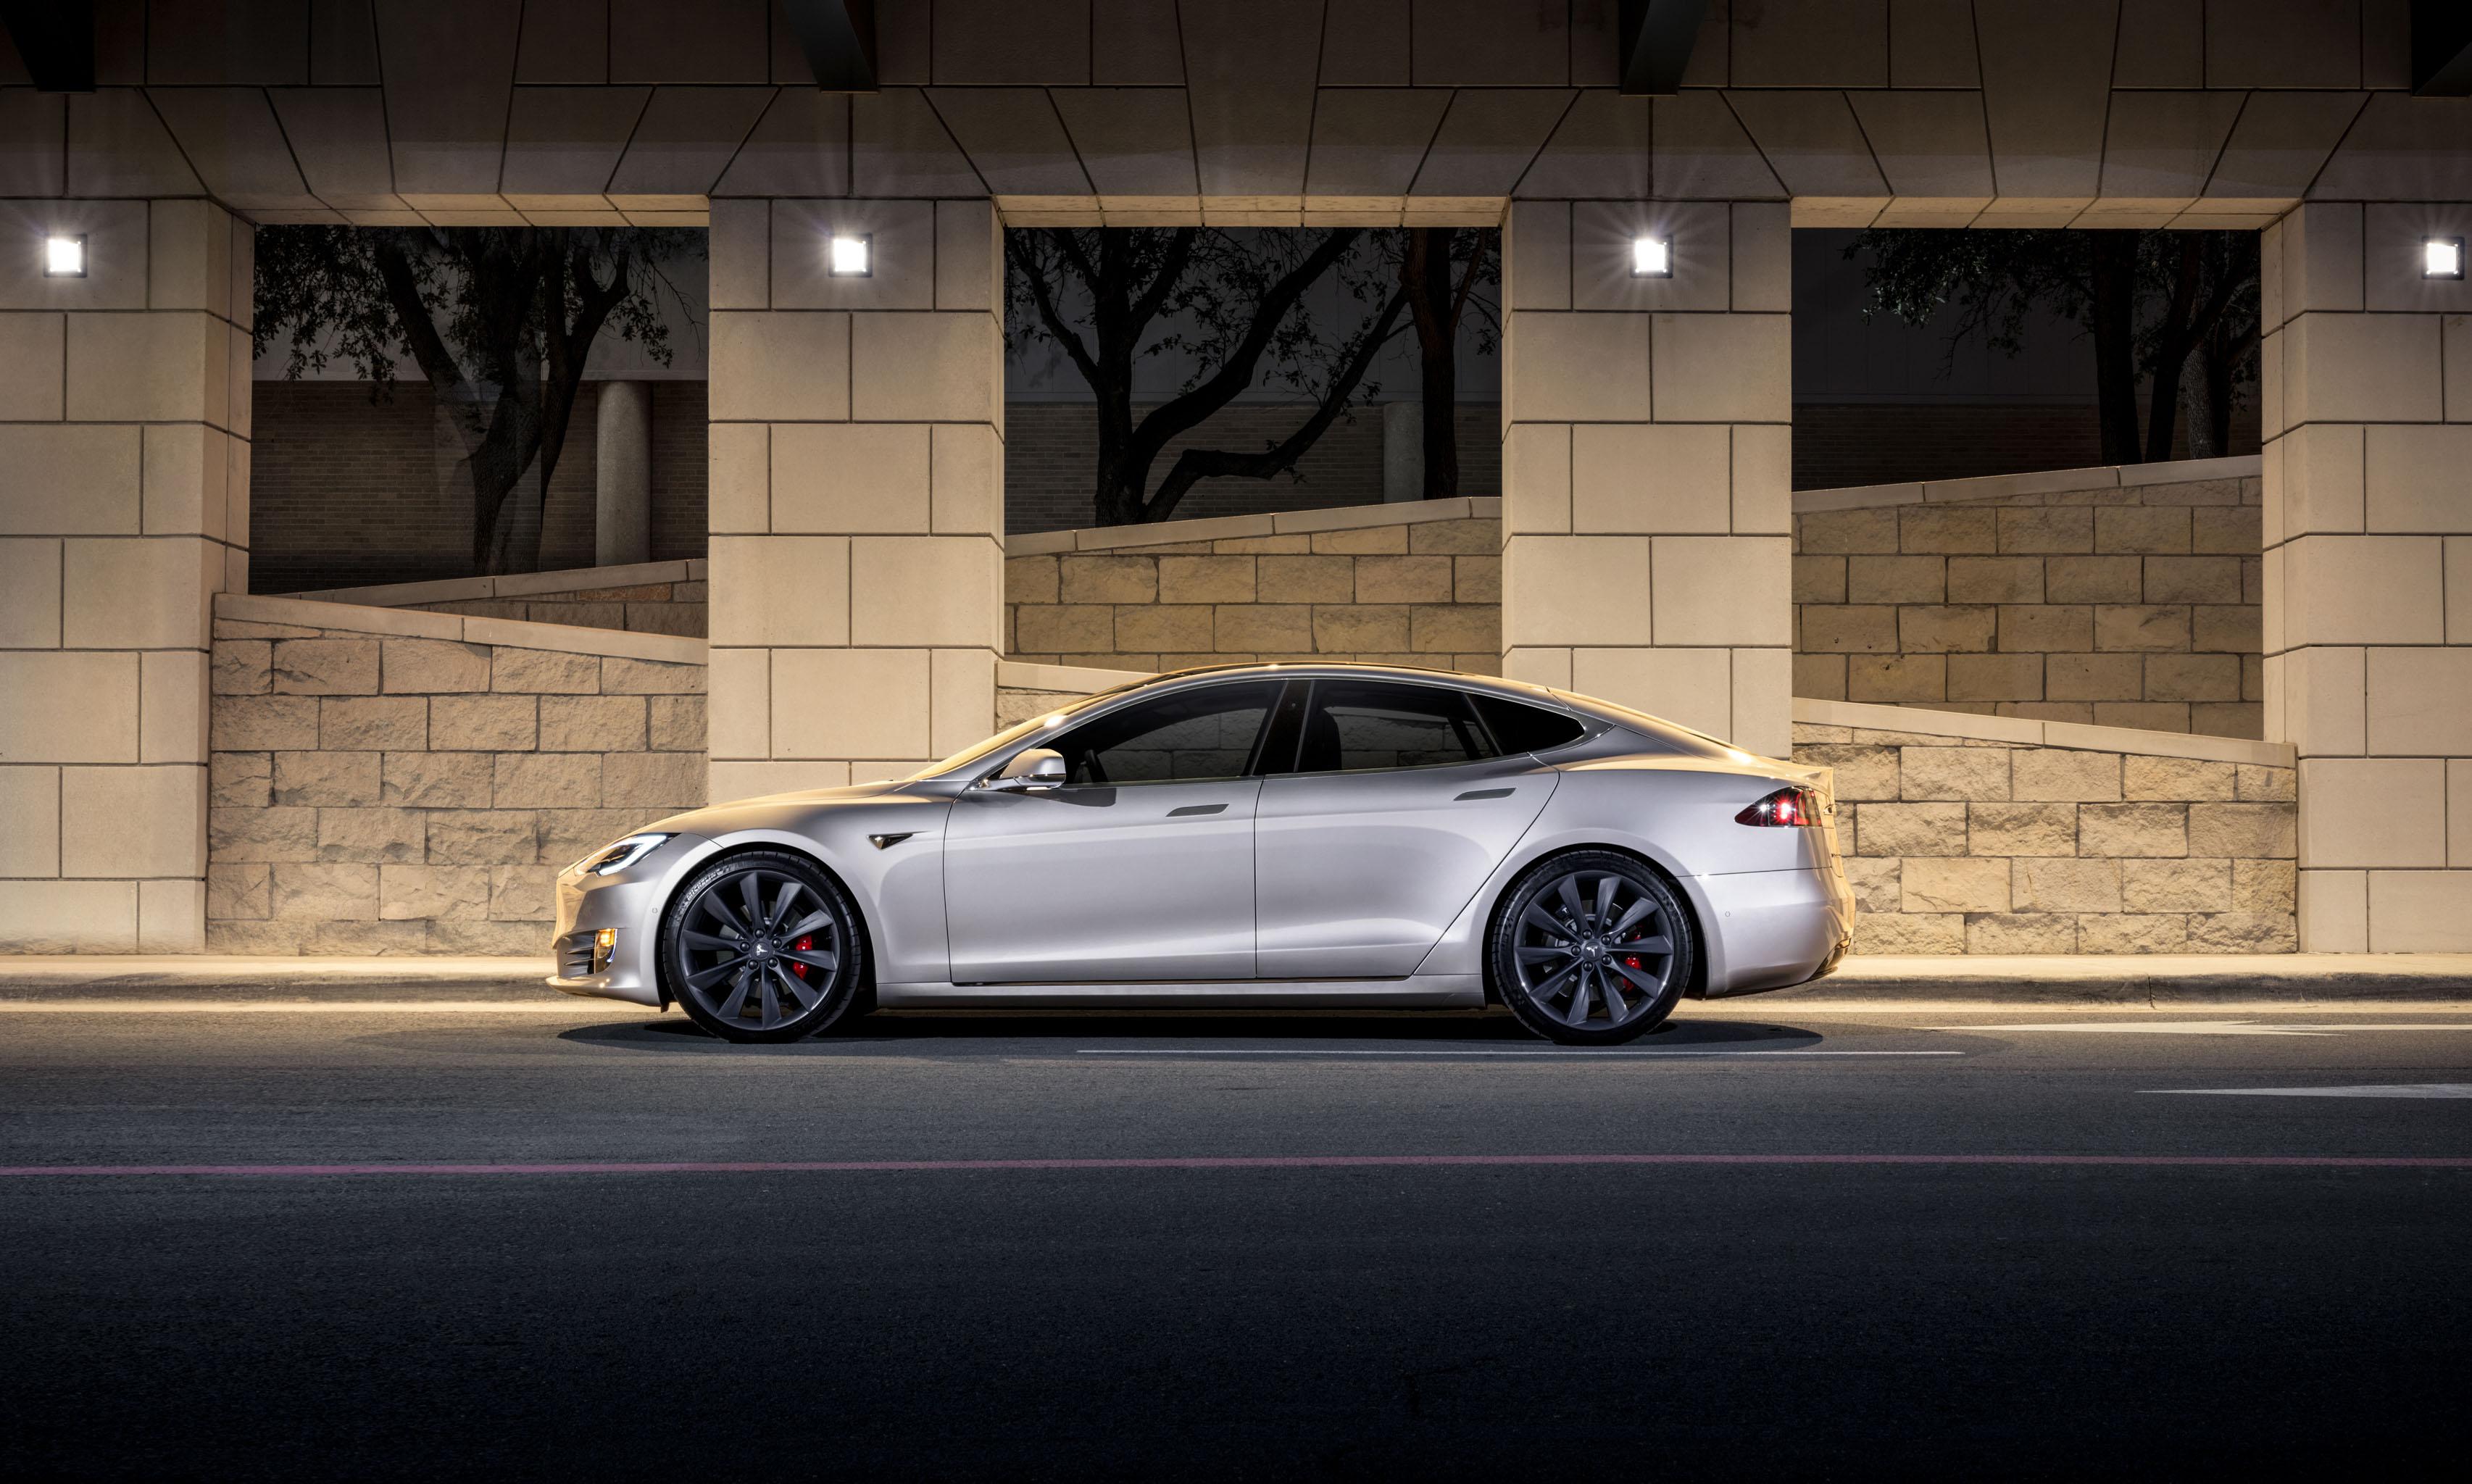 2018 Tesla Model S side brick wall